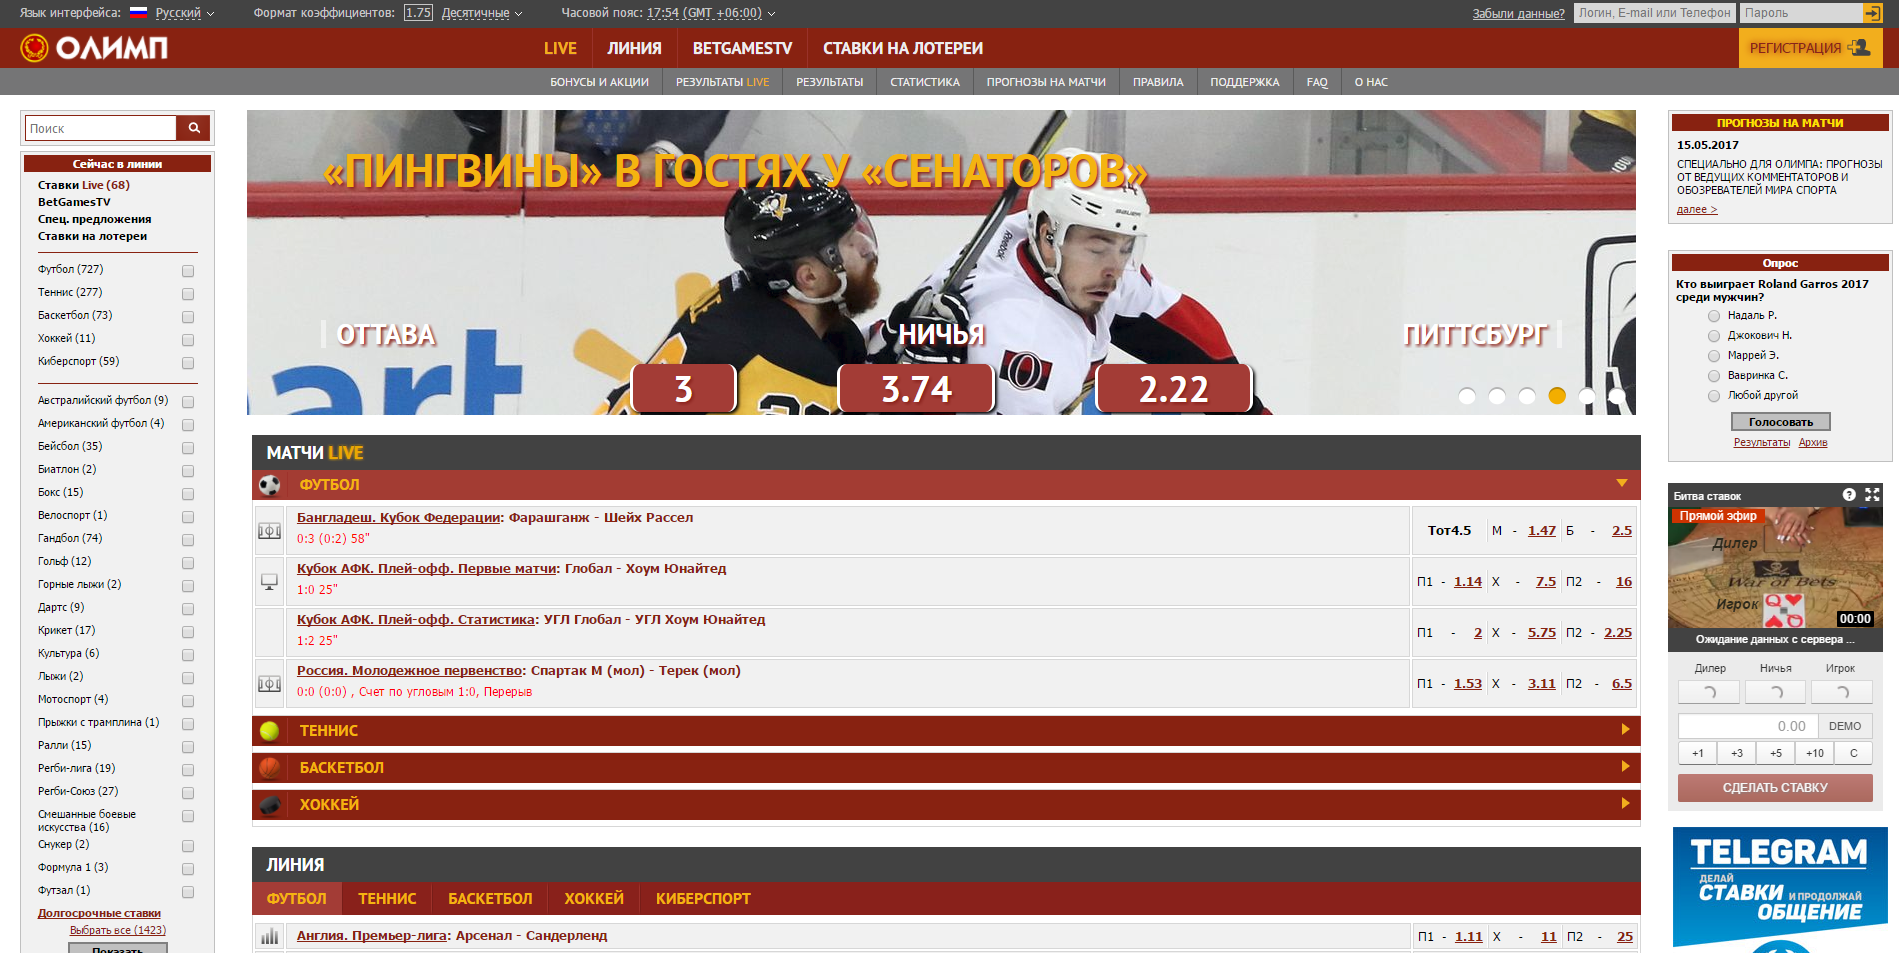 букмекерская контора Олимп сайт